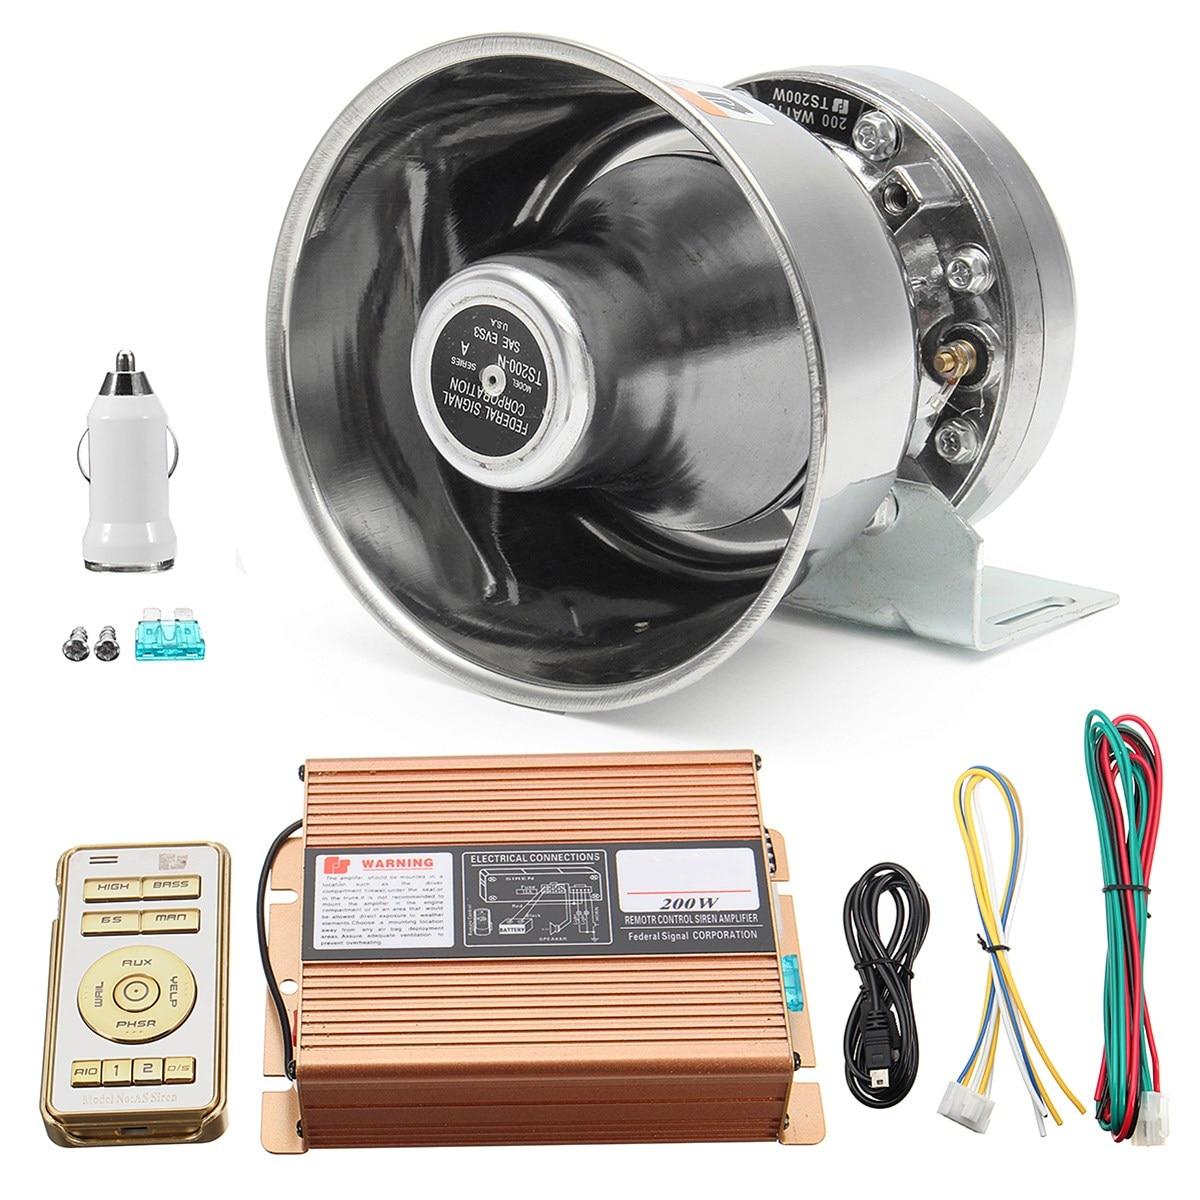 200 W Polices sirène voiture MIC haut-parleur système 12 son fort pour voiture avertissement alarme Polices/feu sirène klaxon voiture alarme amplificateur